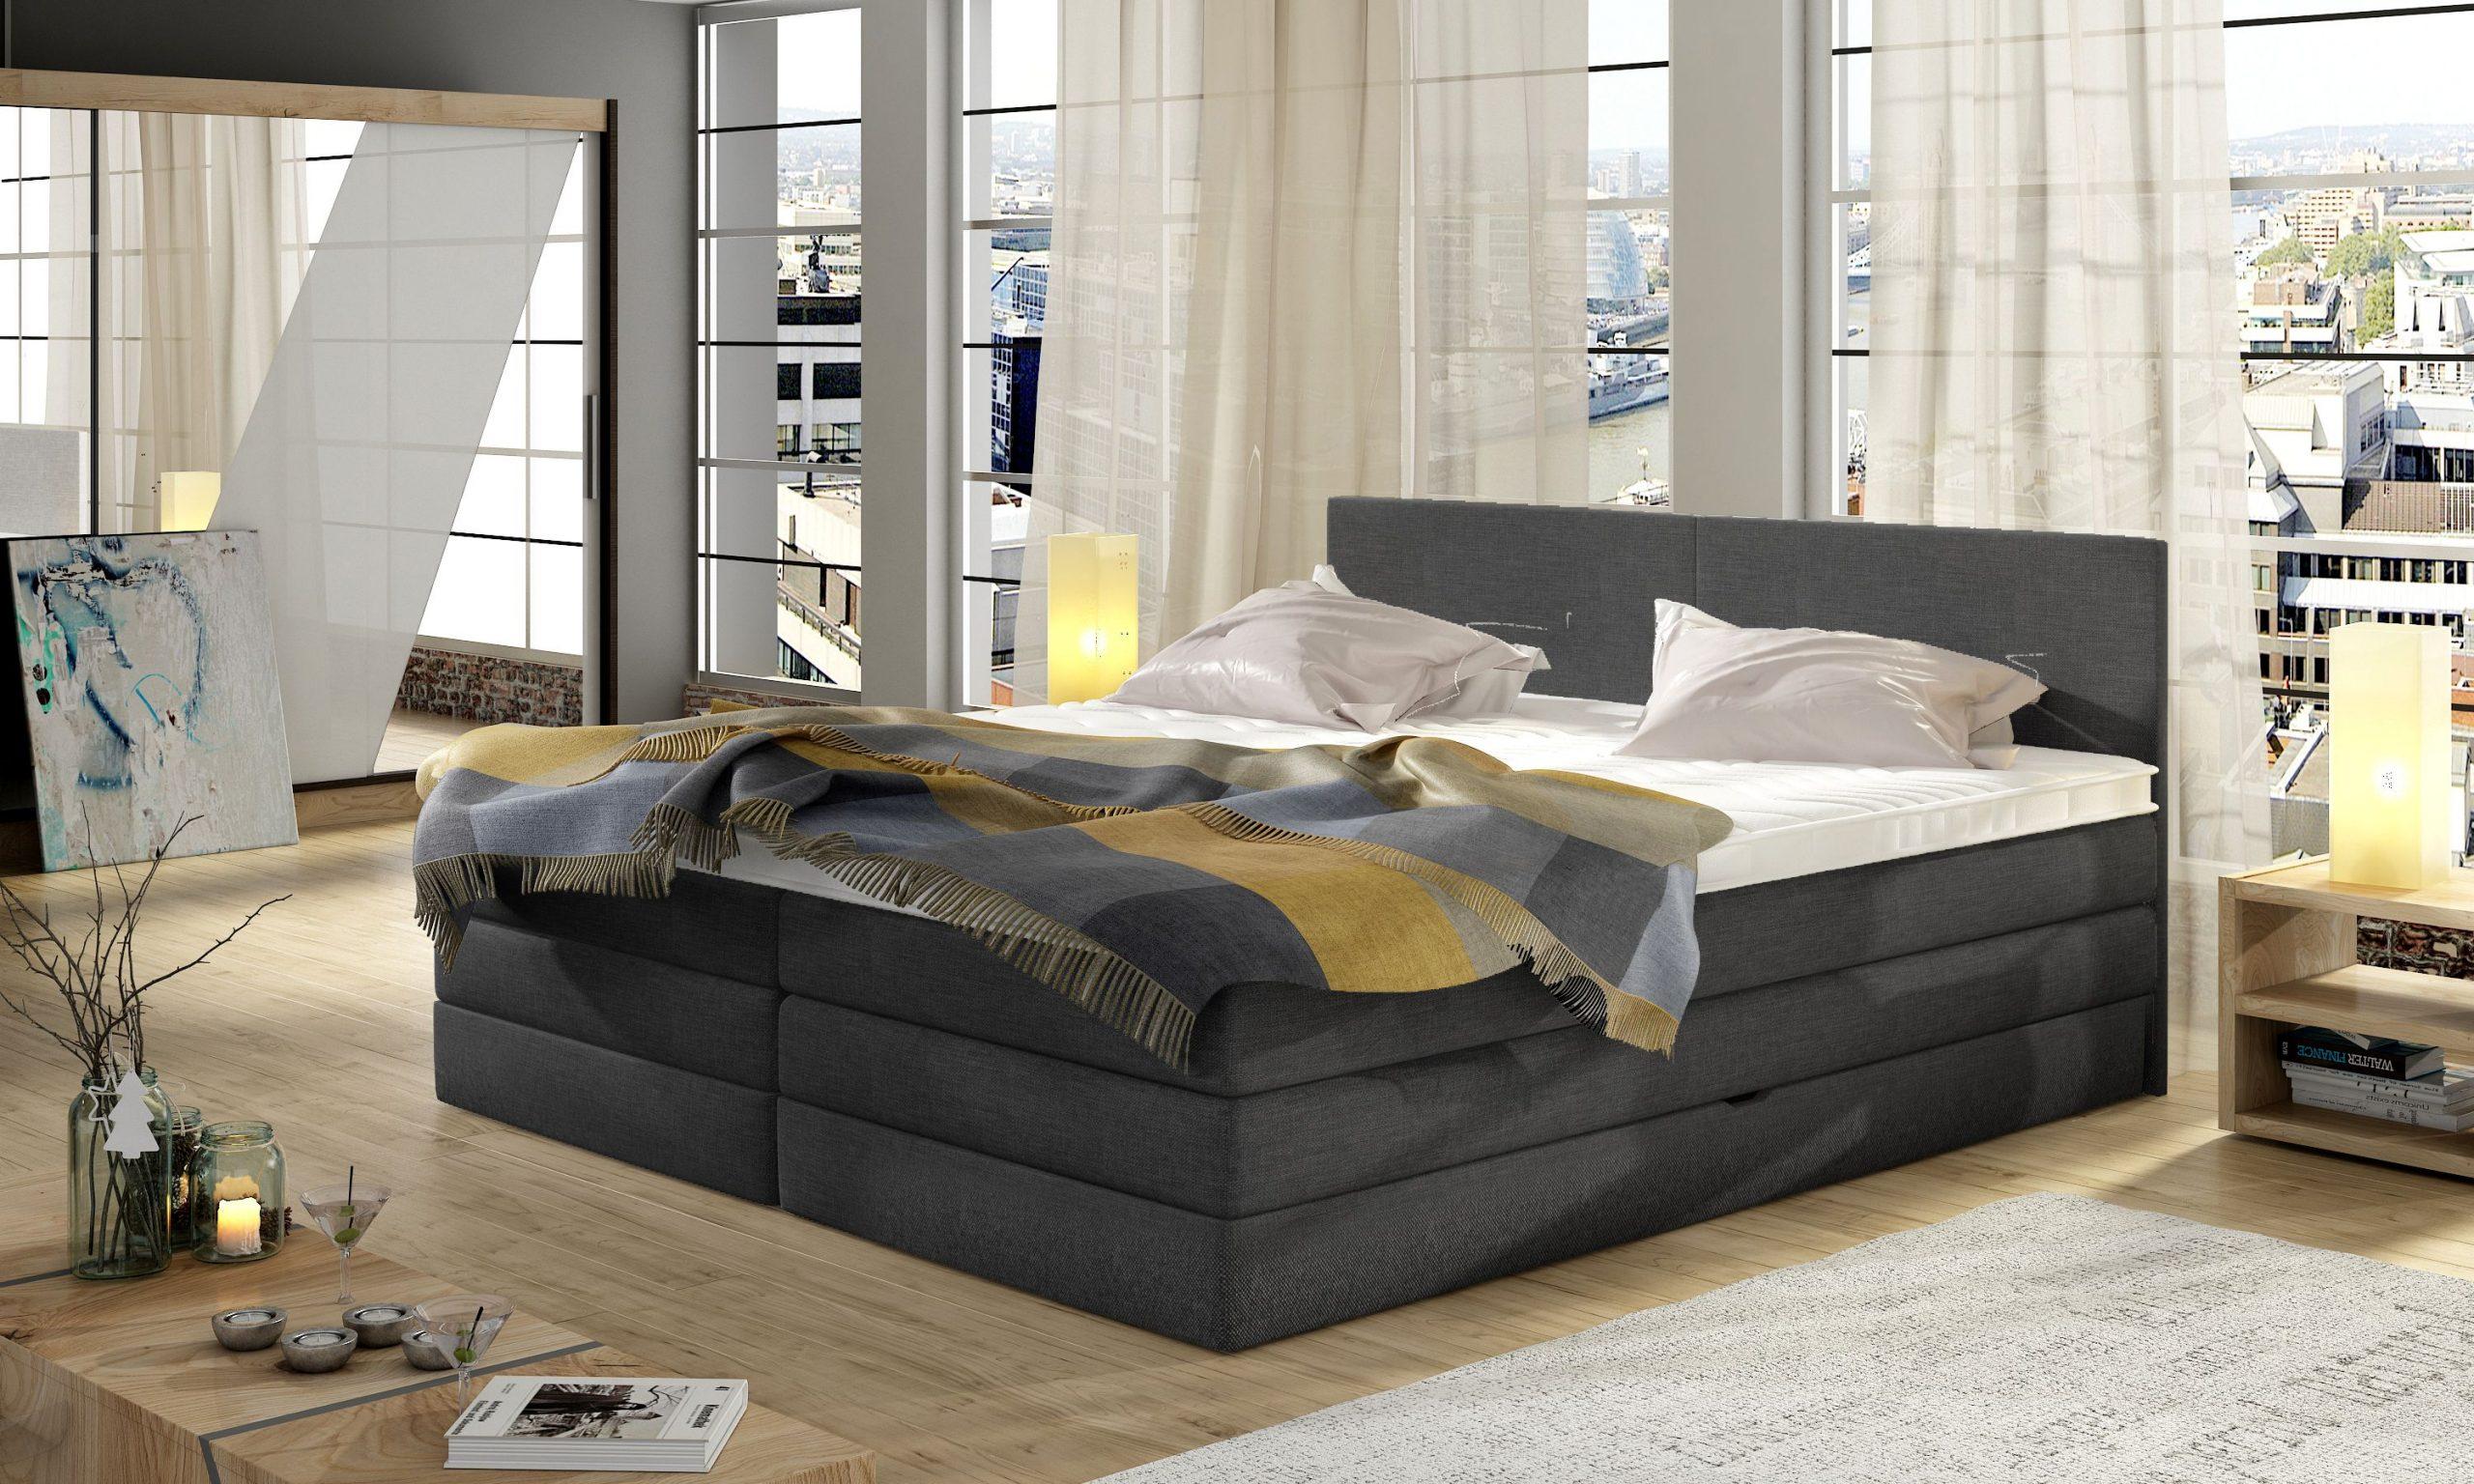 Full Size of Coole Betten Schlafzimmer Rume Ostermannde Schne Massivholz 200x200 Bei Ikea Günstige Luxus 160x200 Hohe Mannheim Frankfurt Amerikanische München Massiv Bett Coole Betten